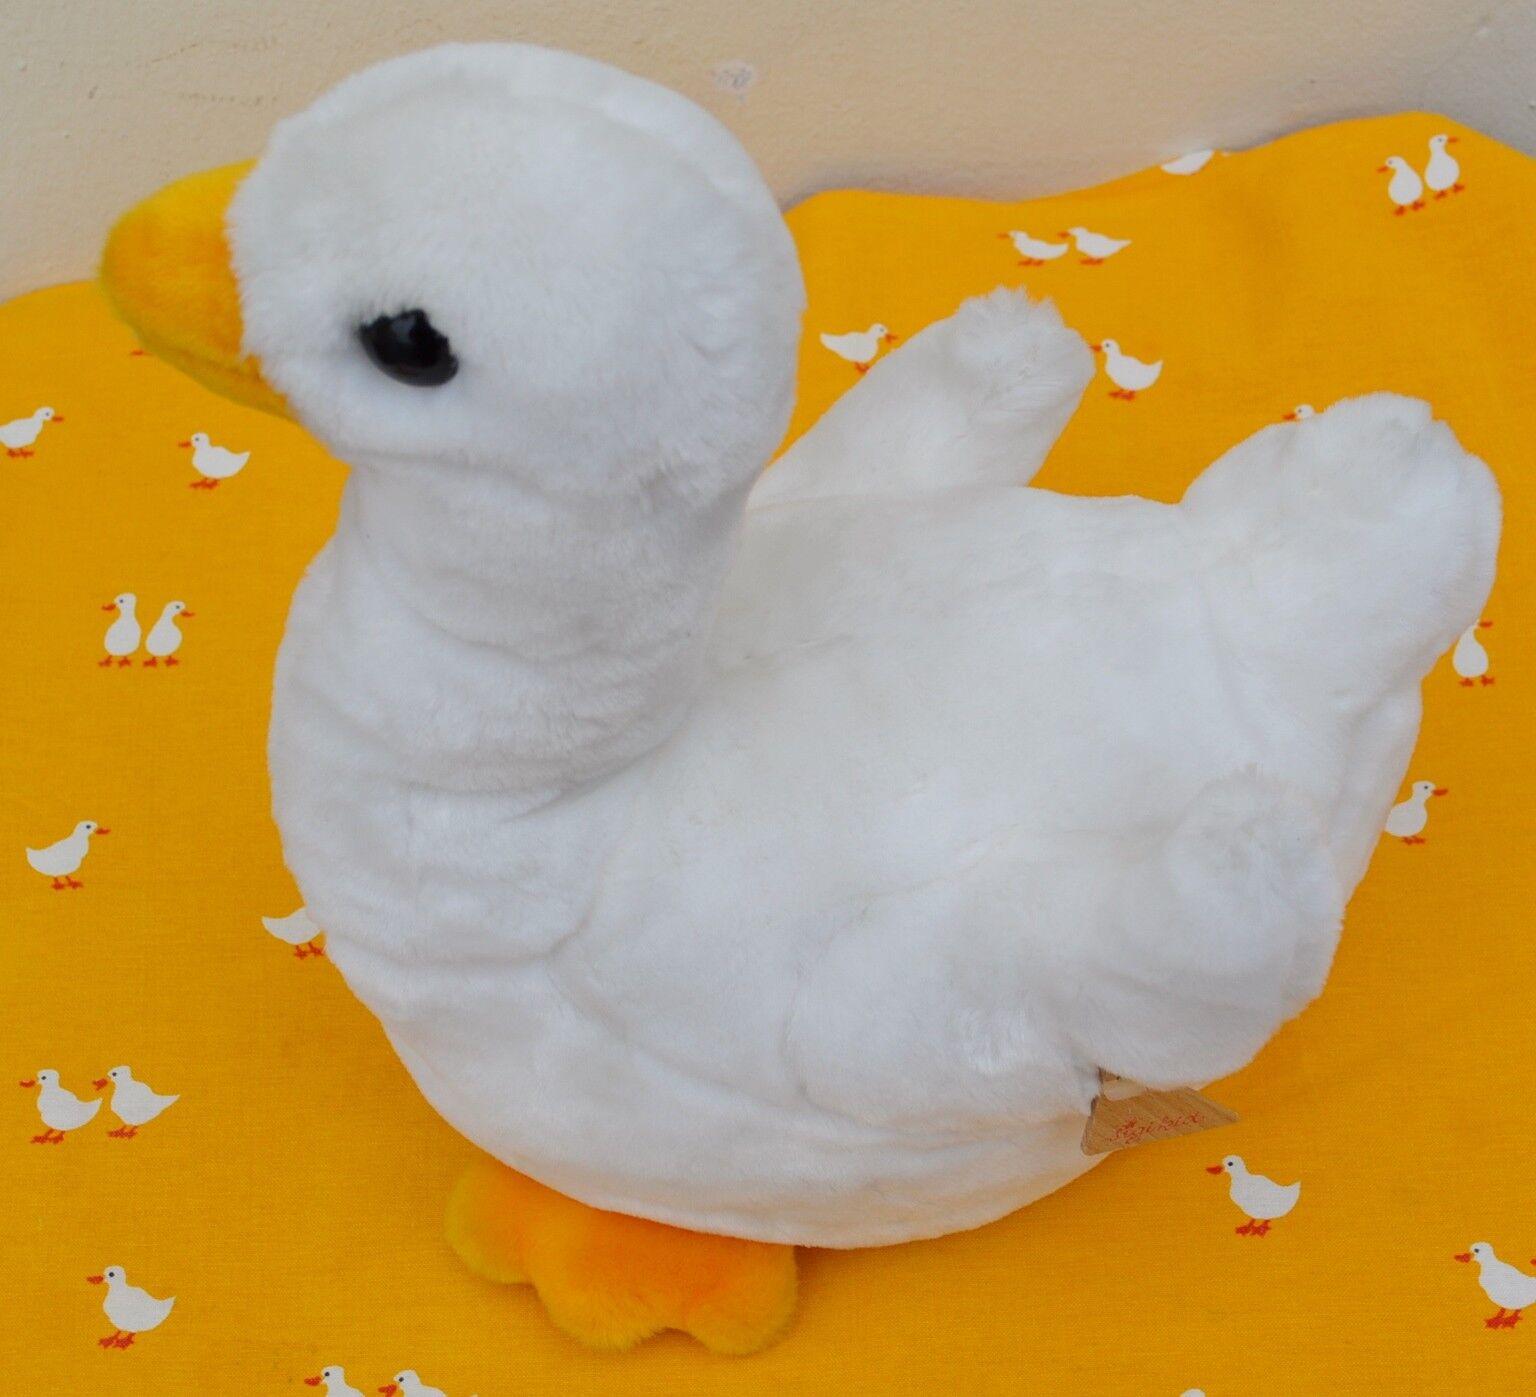 Sigikid GANS Plüschtier Plüsch Plüsch Plüsch Tier Stofftier Kuscheltier Vogel Ostern weich ee20e0